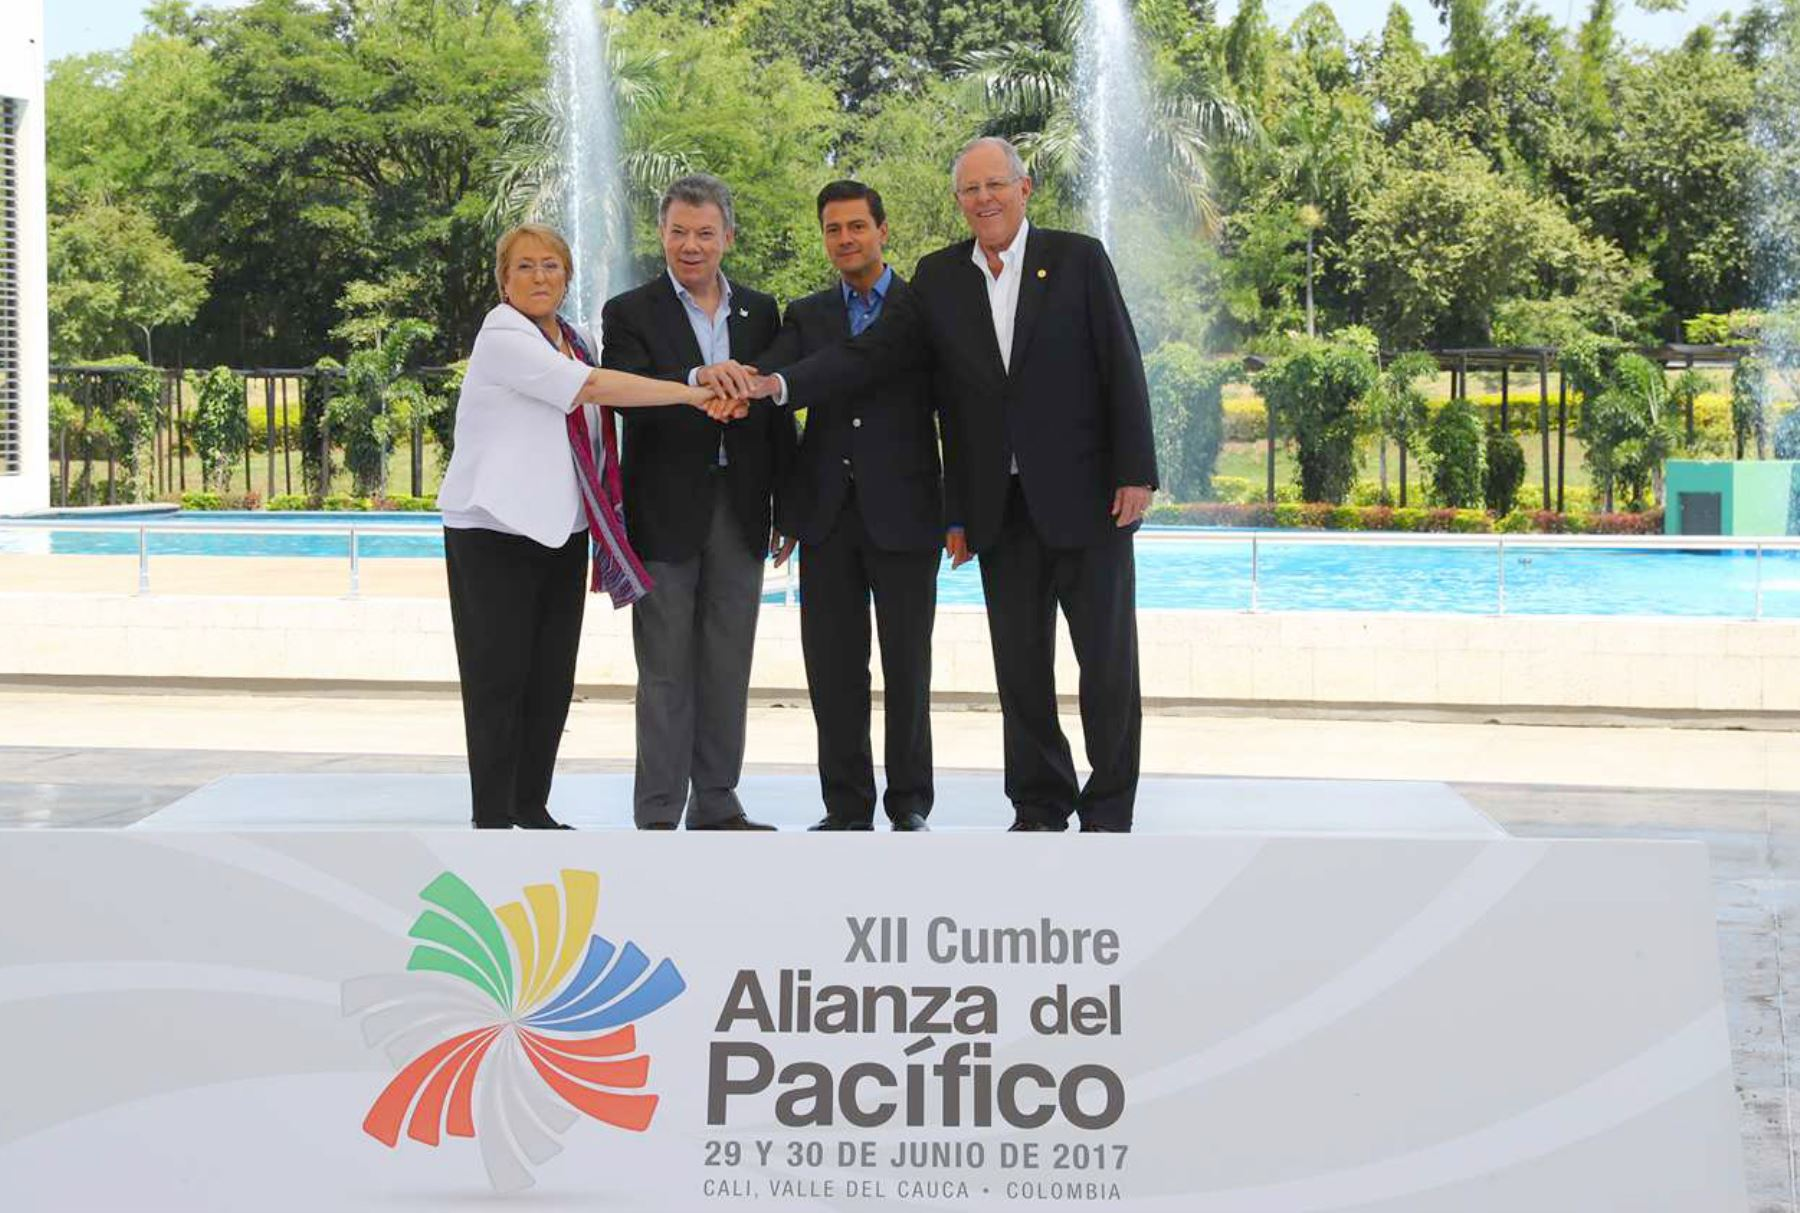 Fotografía oficial de la XII cumbre de la Alianza del Pacifico 2017.Foto:ANDINA/Prensa Presidencia